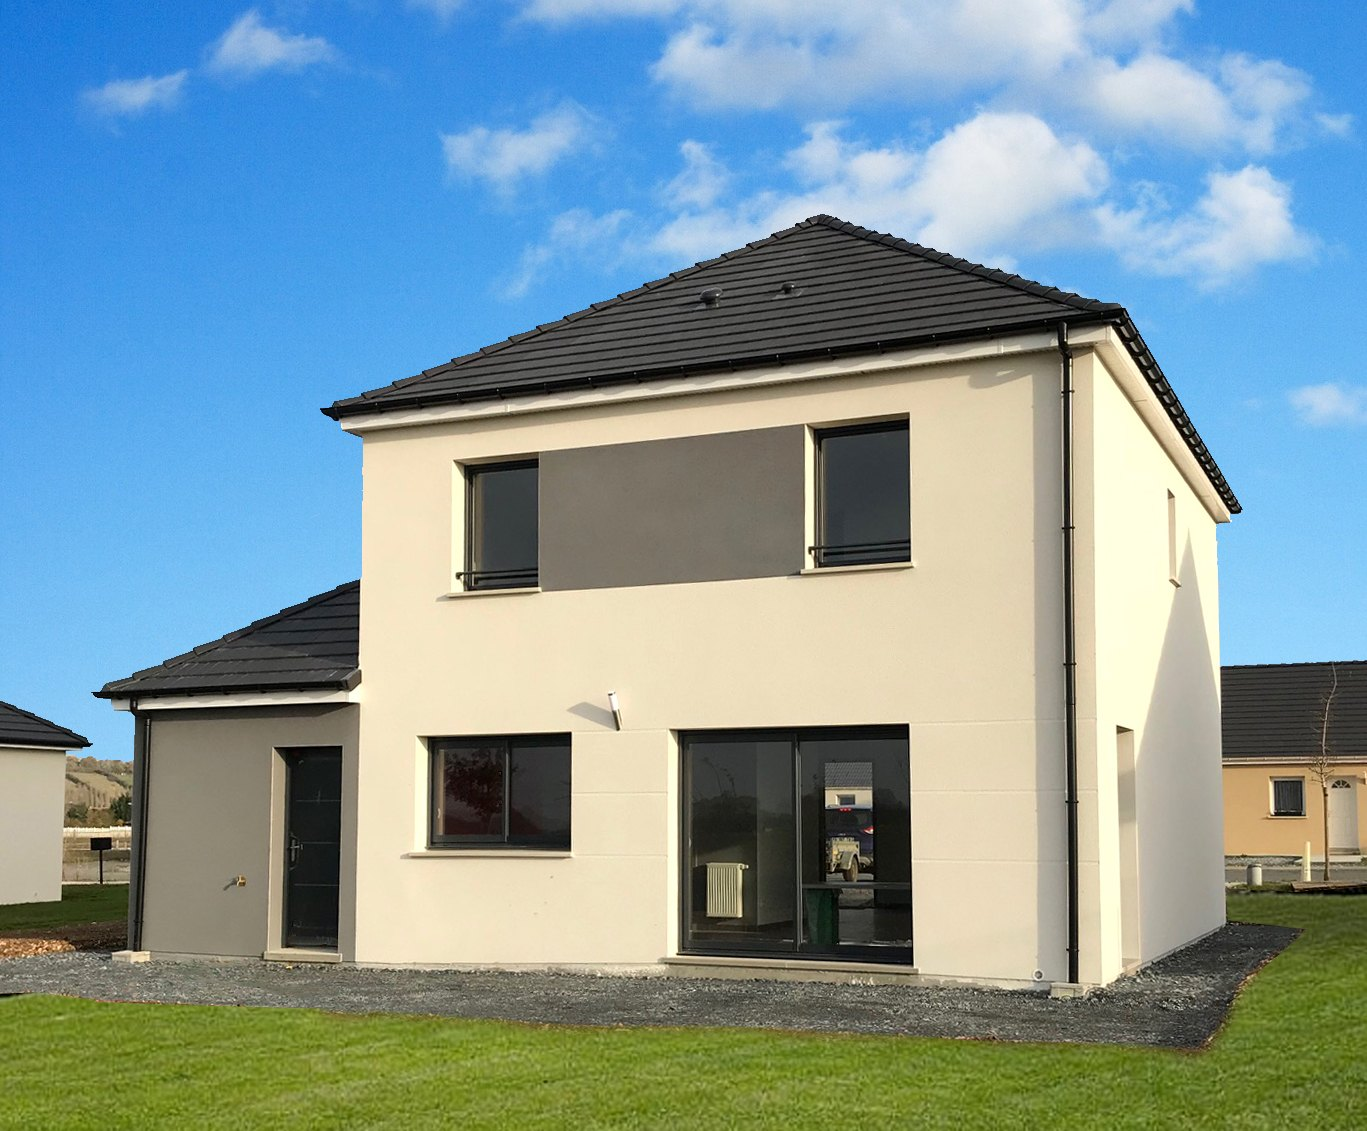 Maisons + Terrains du constructeur GEOXIA NORD OUEST • 110 m² • ISNEAUVILLE